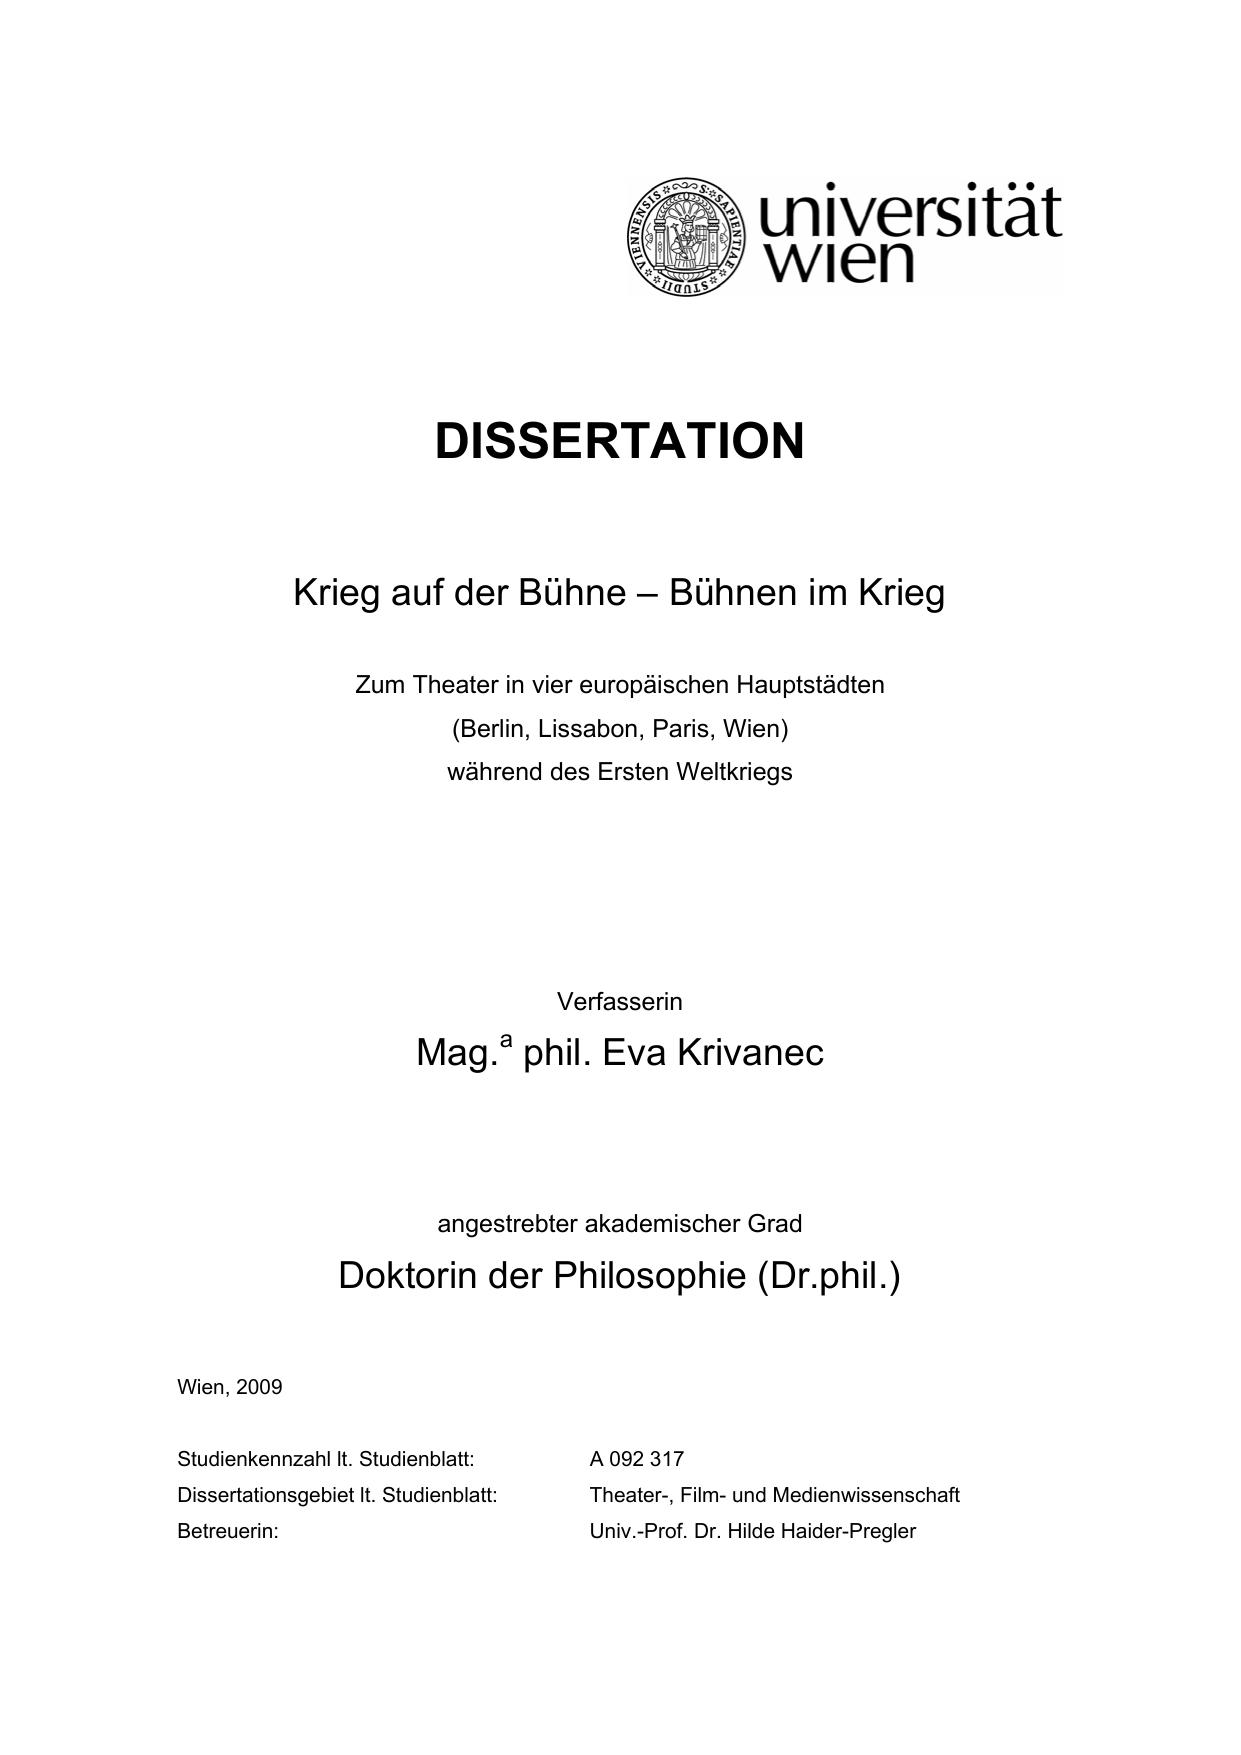 Entwurf für eine Strukturierung der Dissertation E